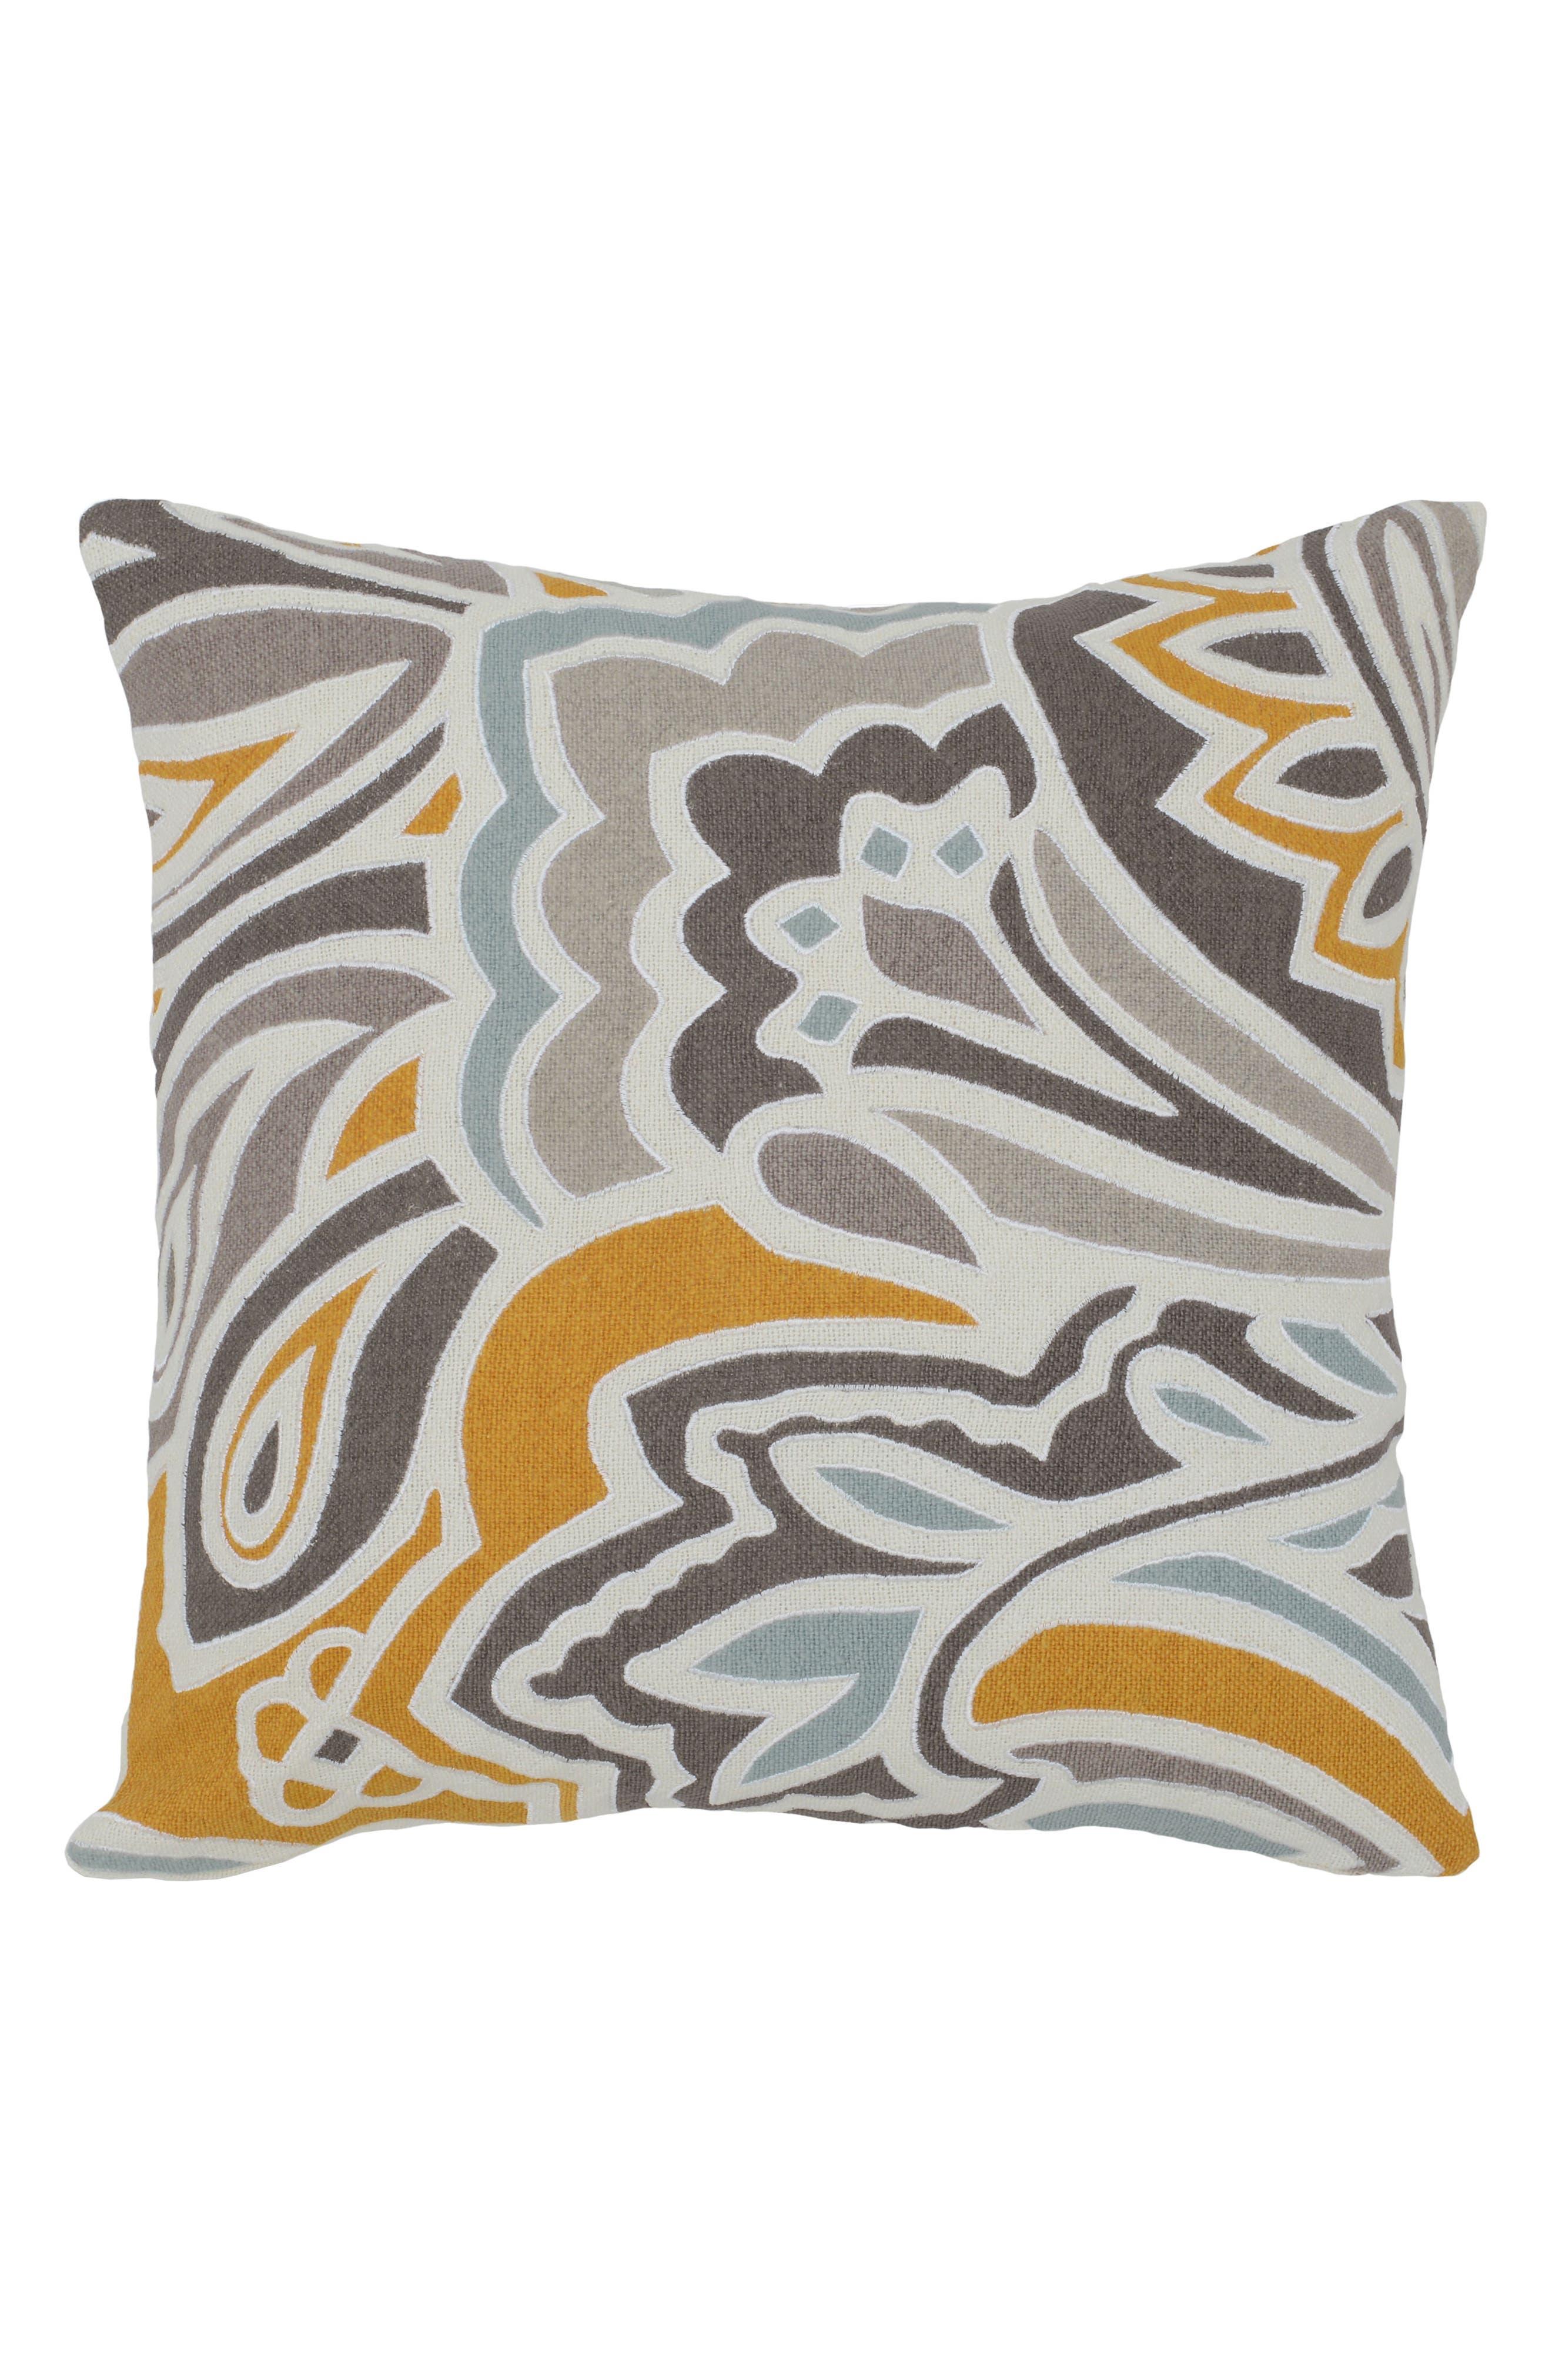 Ve Mindo Pillow,                             Main thumbnail 1, color,                             GREY/ YELLOW